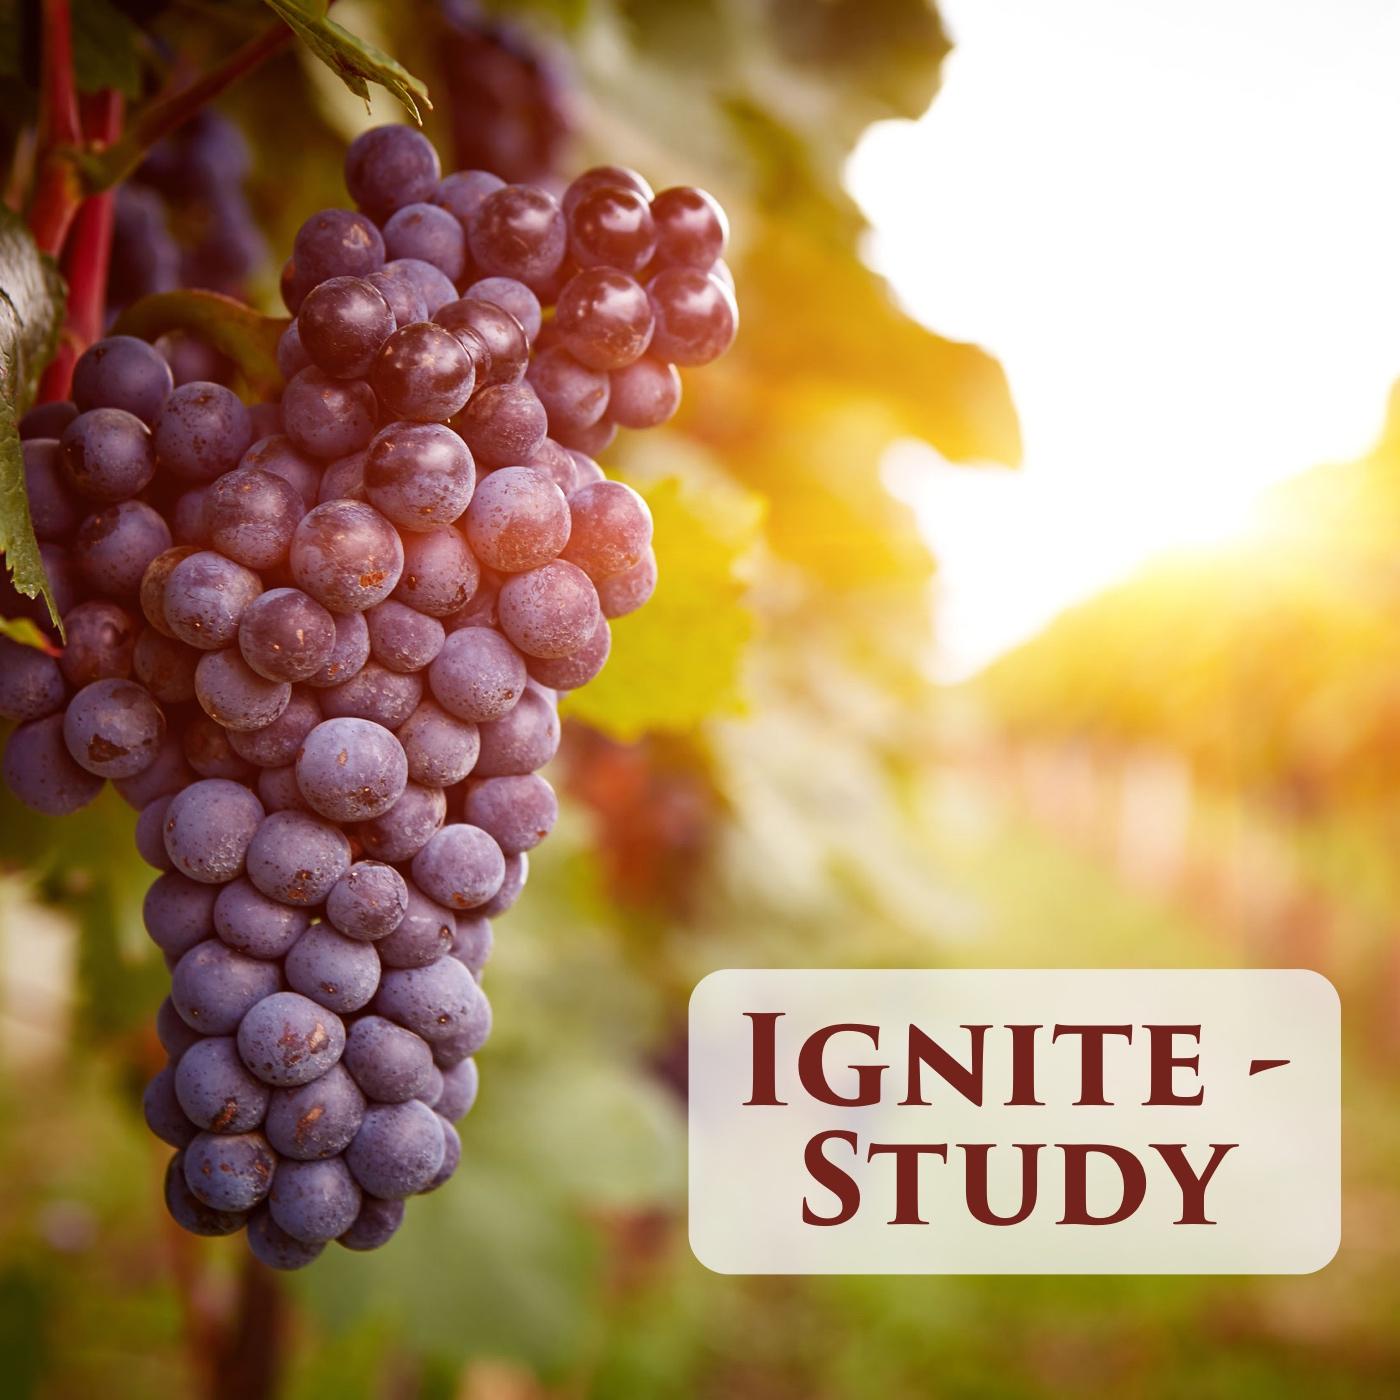 Ignite – Study